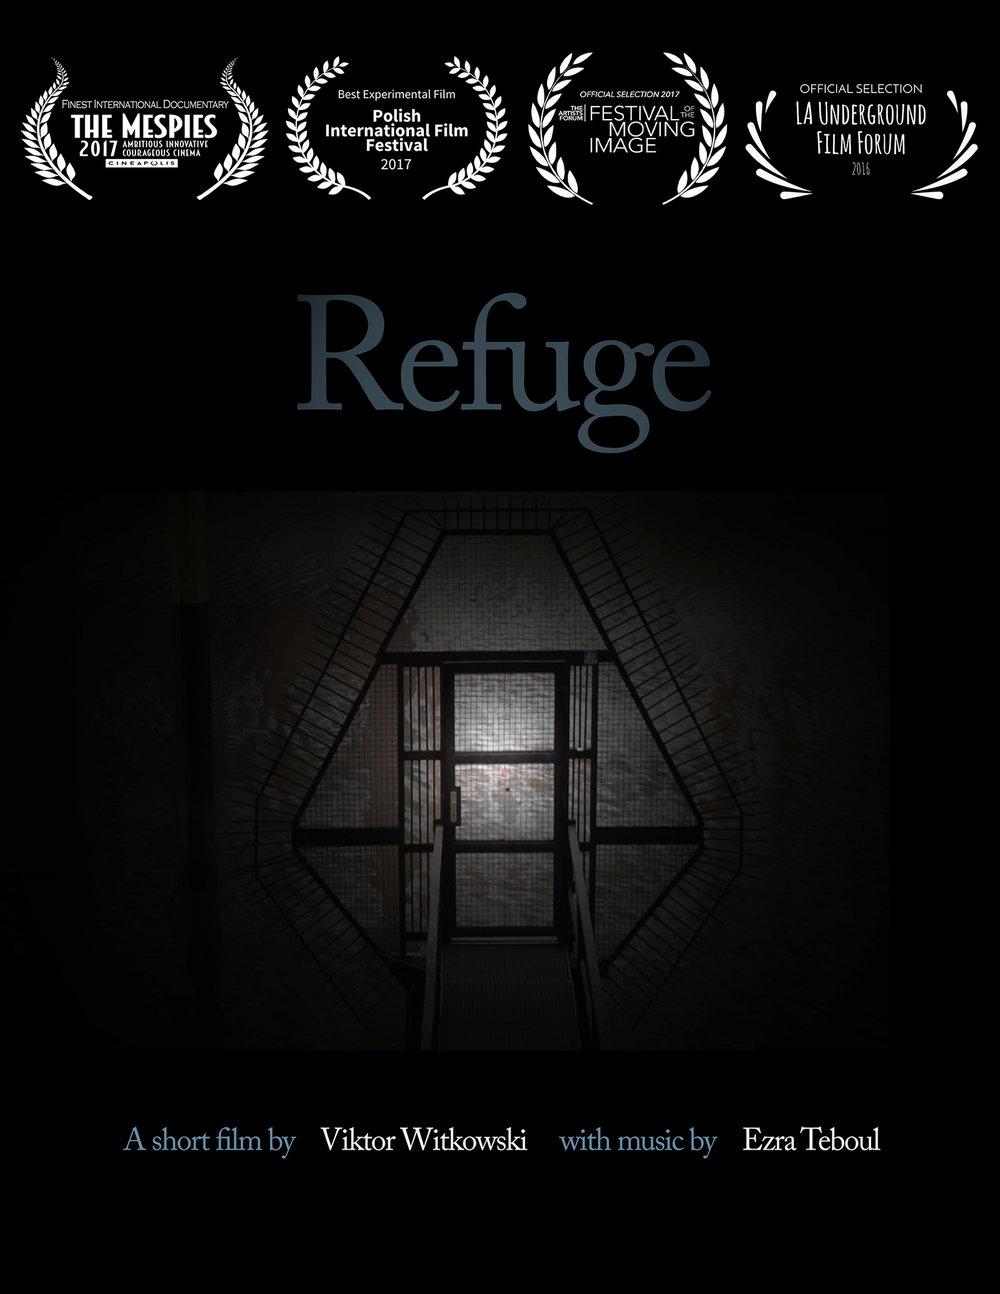 Refuge Poster - large.jpg